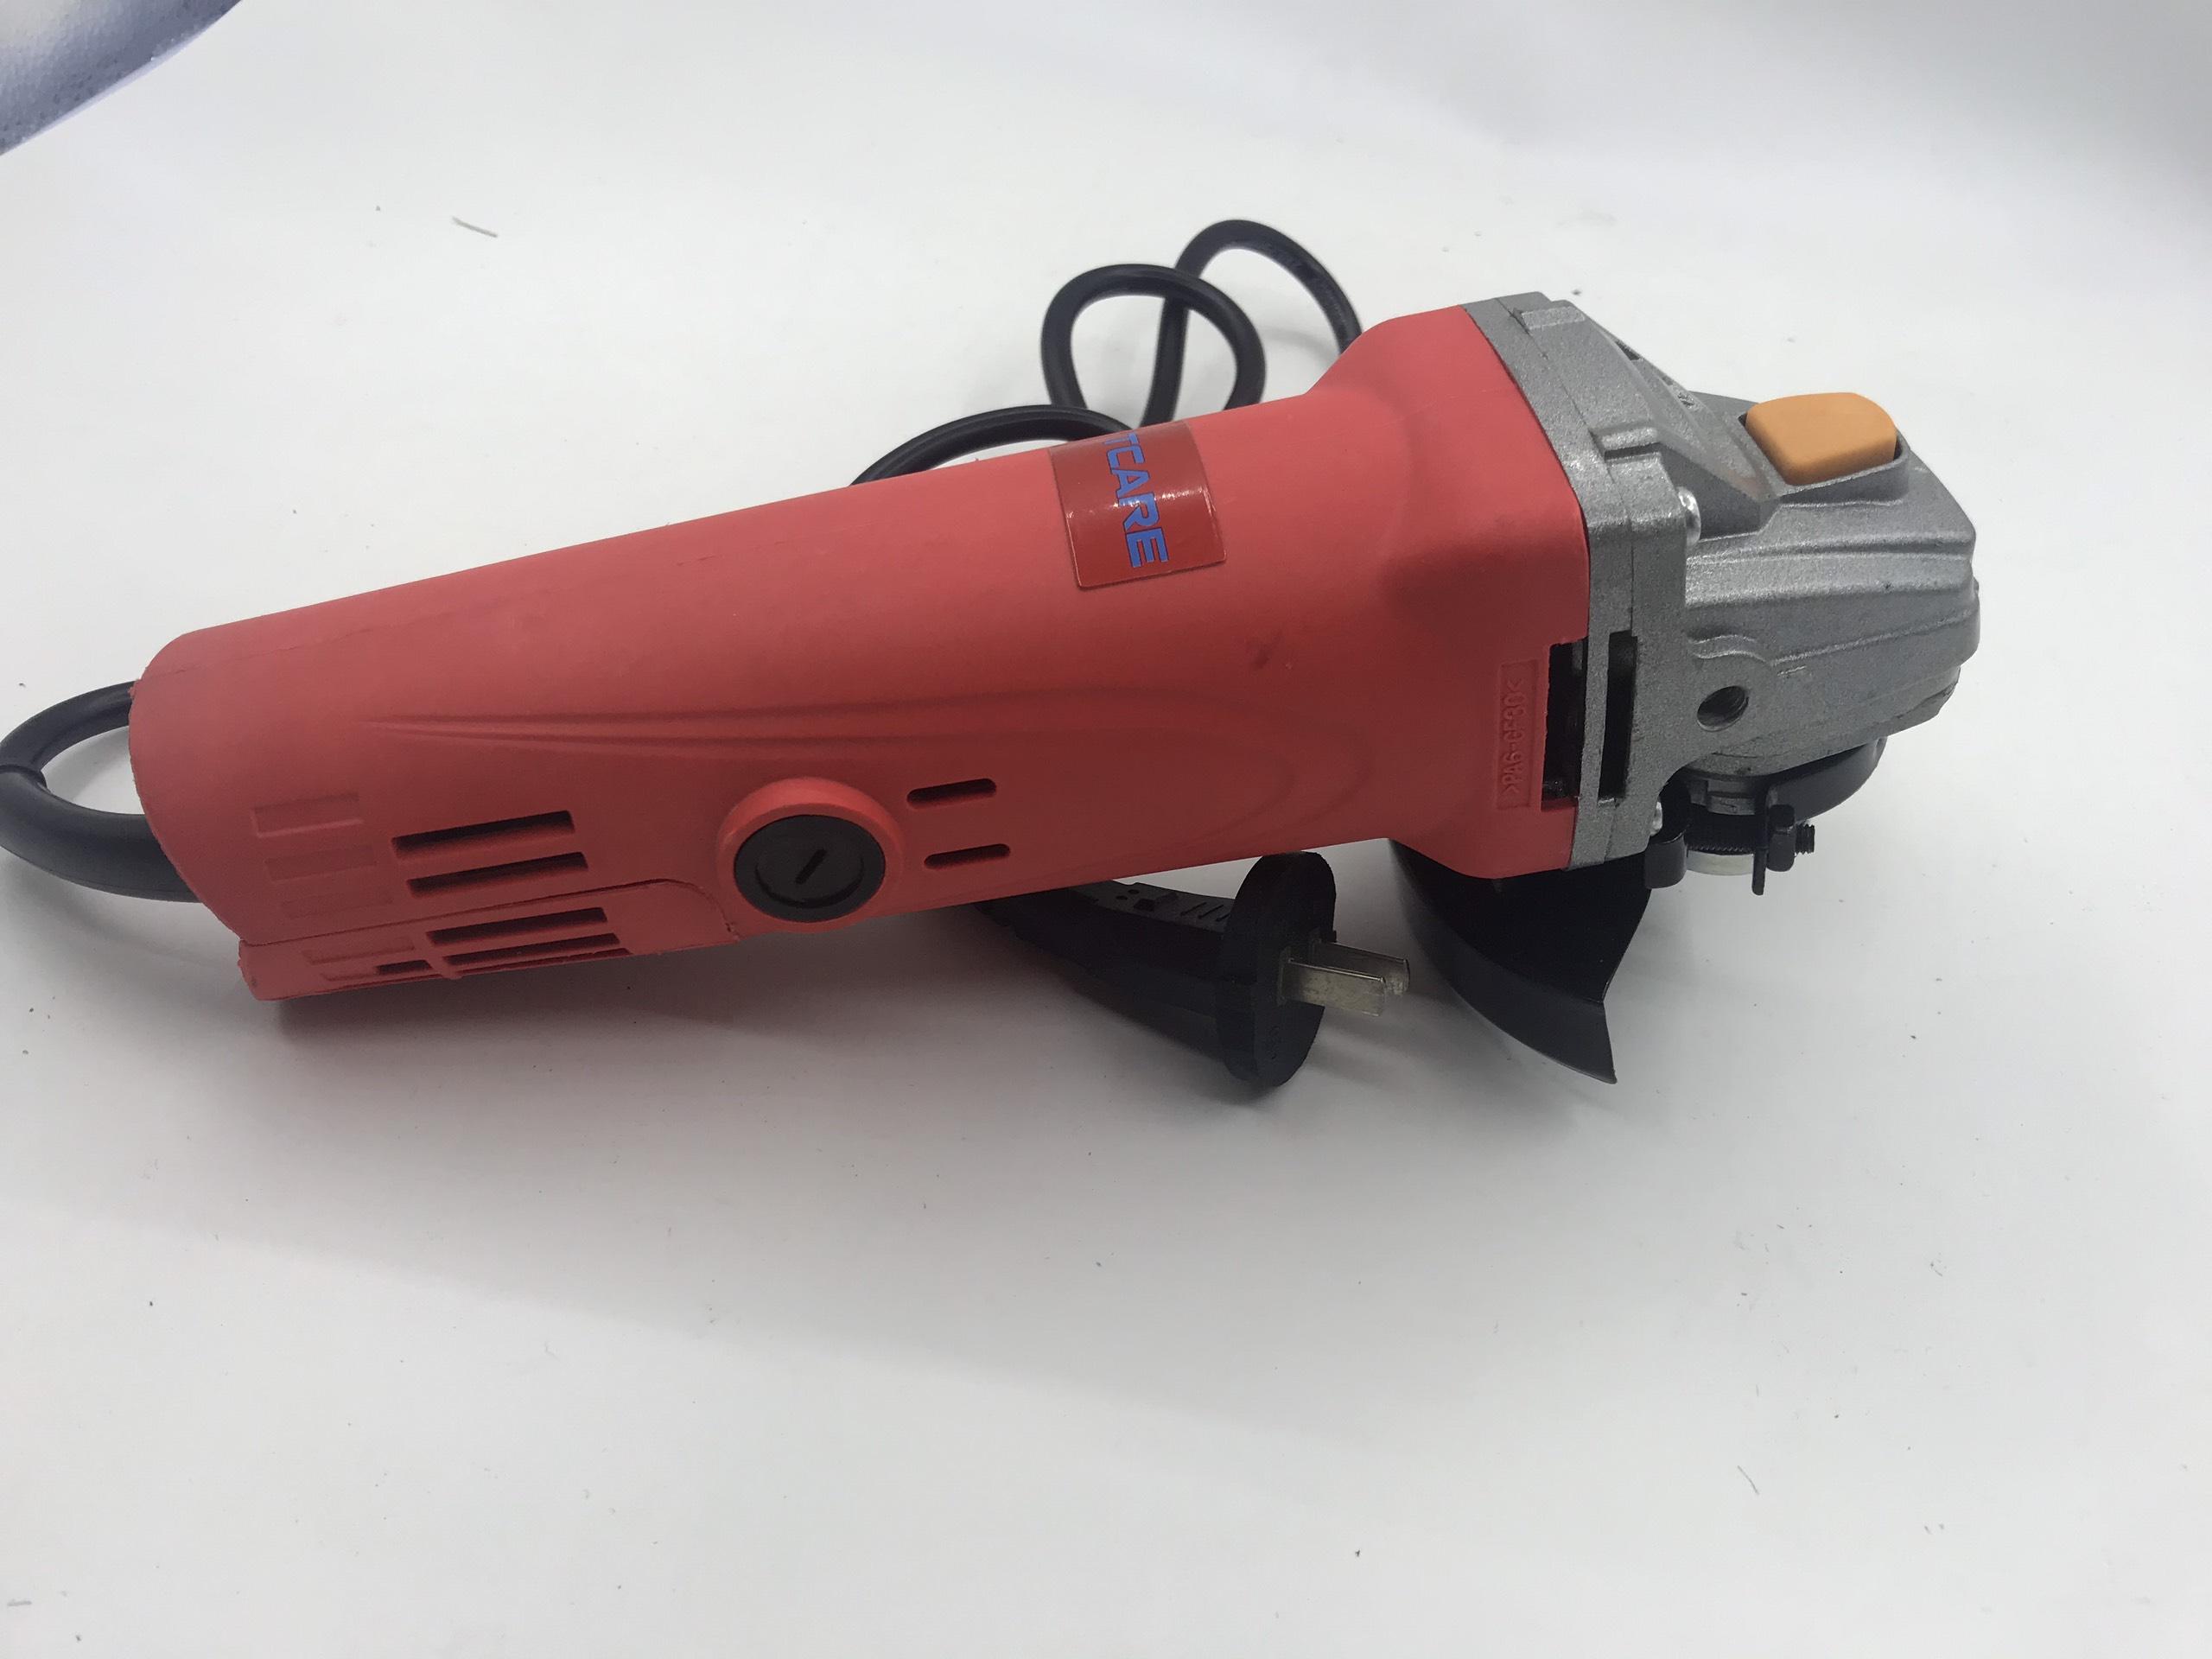 Máy cắt mài cầm tay Tcare - Màu đỏ